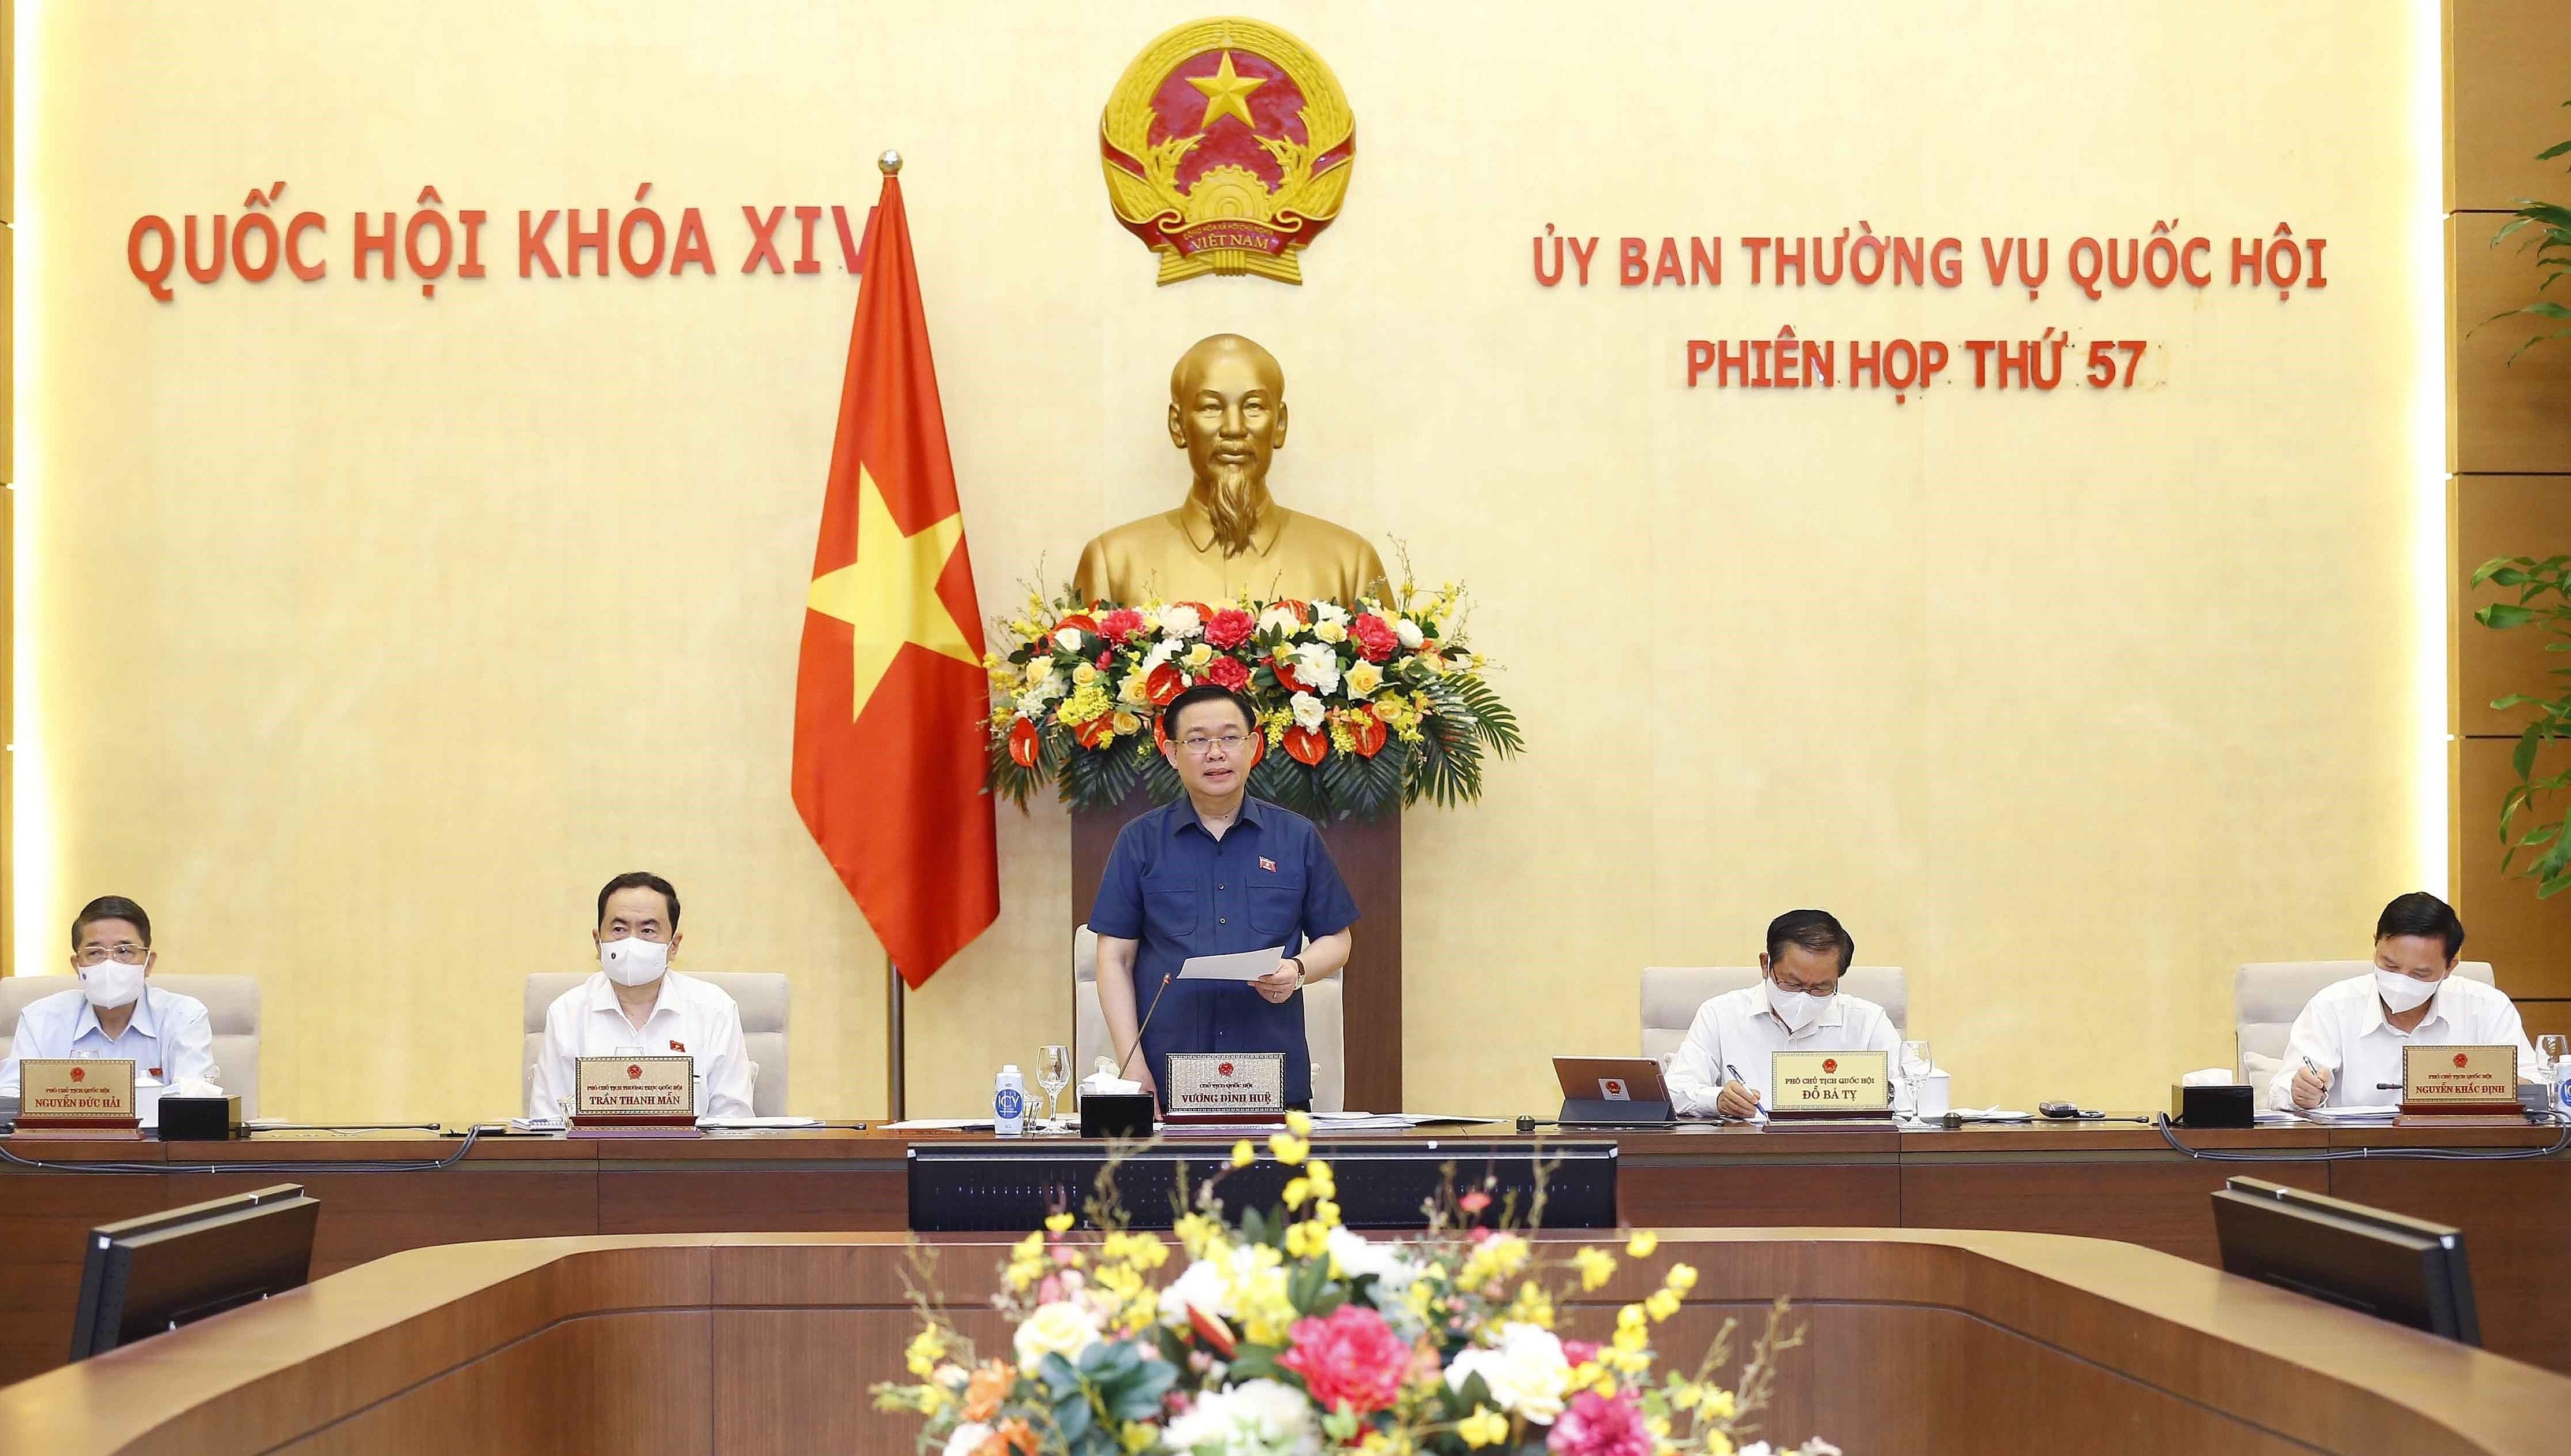 Открылось 57-е заседание постоянного комитета НС hinh anh 1